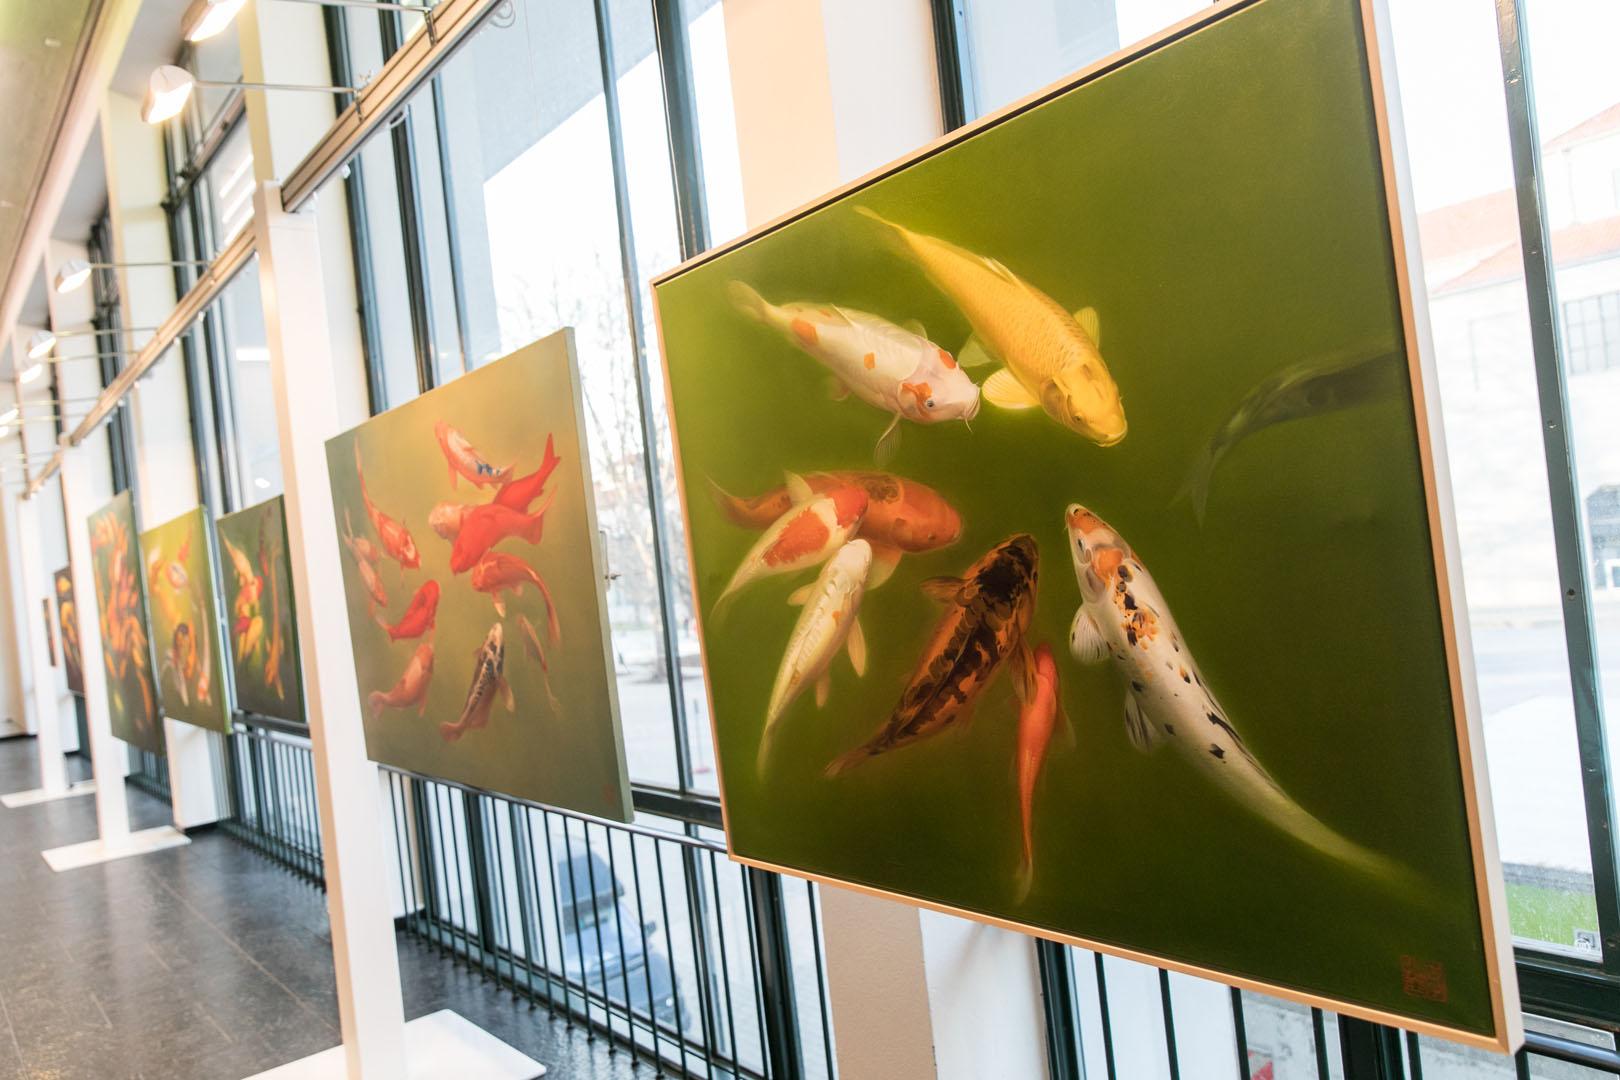 Ausstellung der Künstlerin LI Zhenya